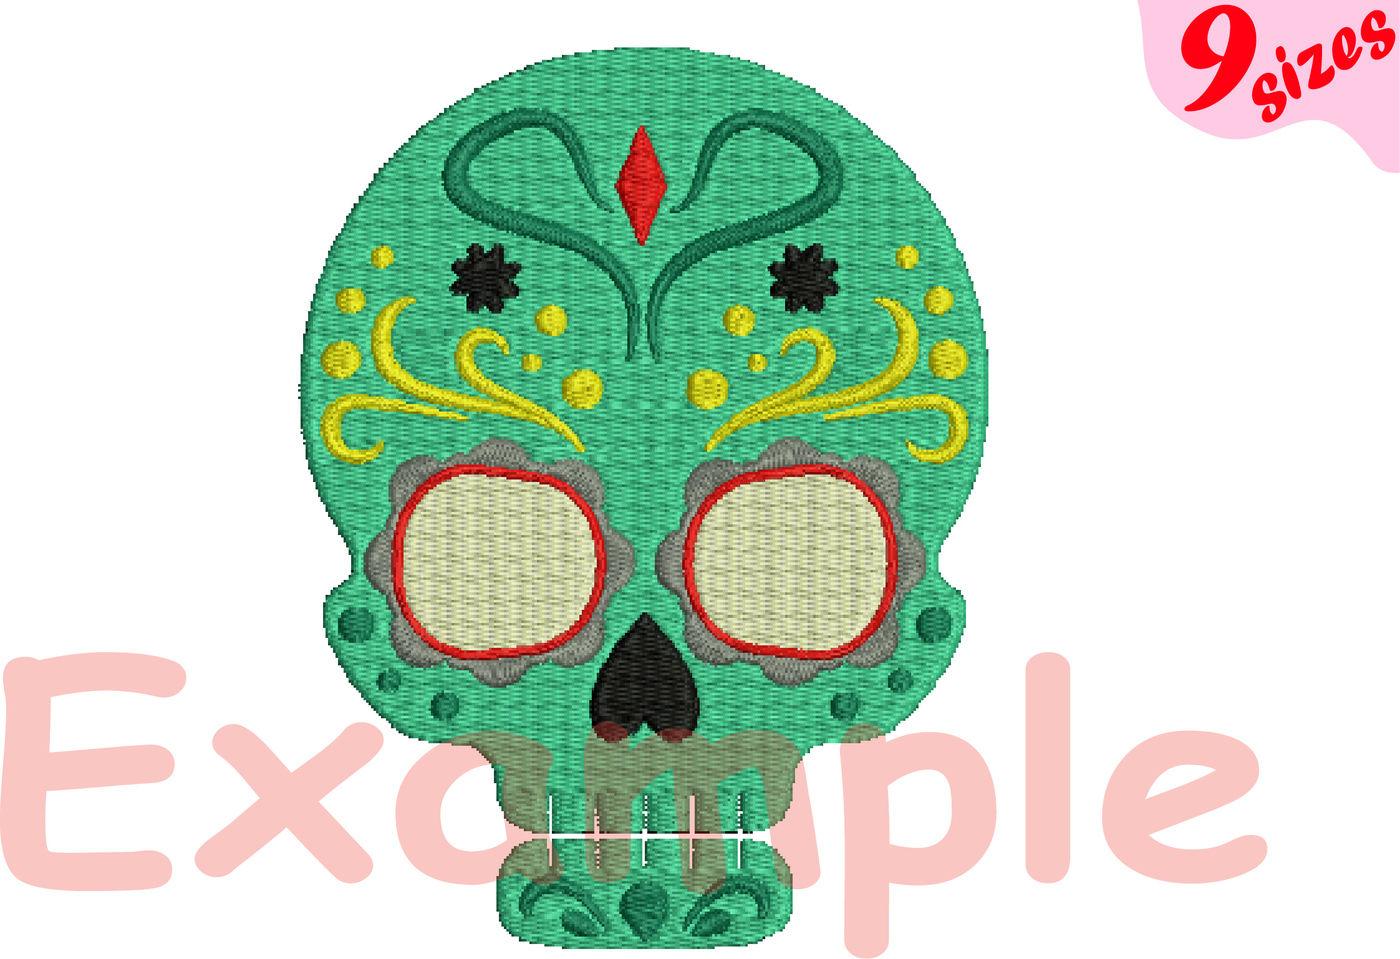 Cinco De Mayo Embroidery Design Instant Download Commercial Use Digital File 4x4 5x7 Hoop Machine Icon Symbol Sign Fiesta Mexico Skull Dia De Los Muertos Party Taco Food Mexican Birthday Sugar Skulls